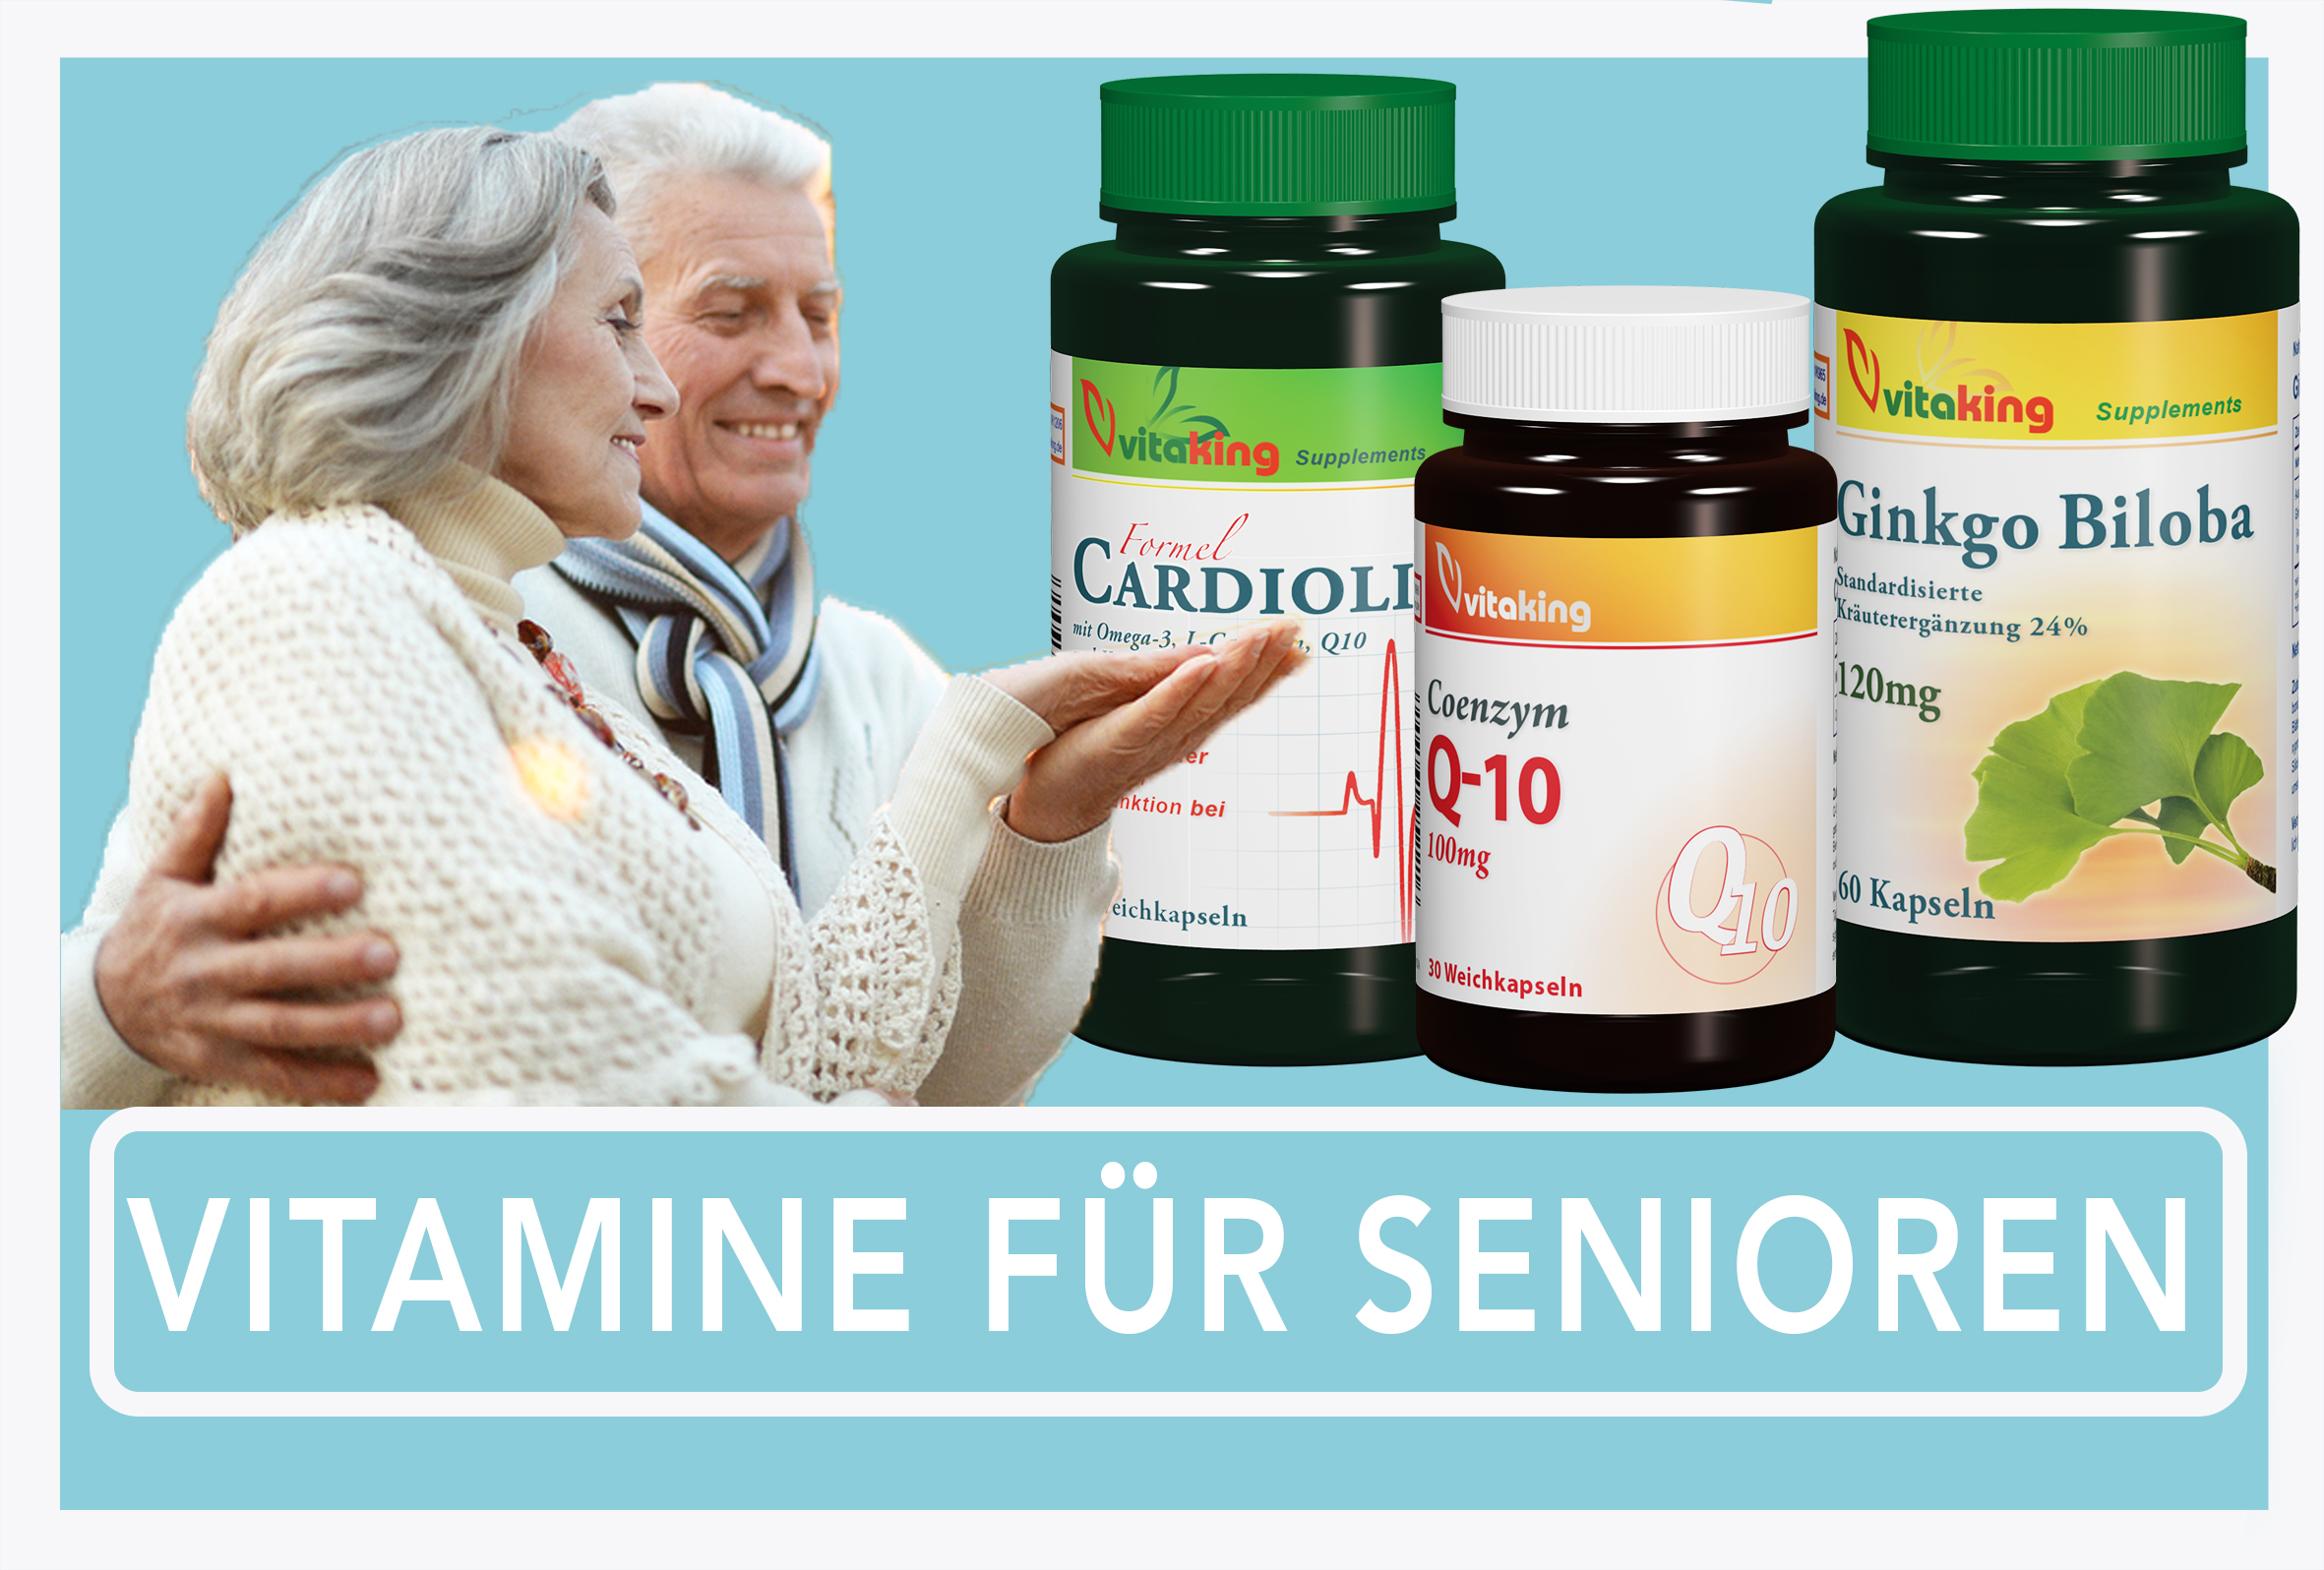 Vitamin-Paket für Senioren